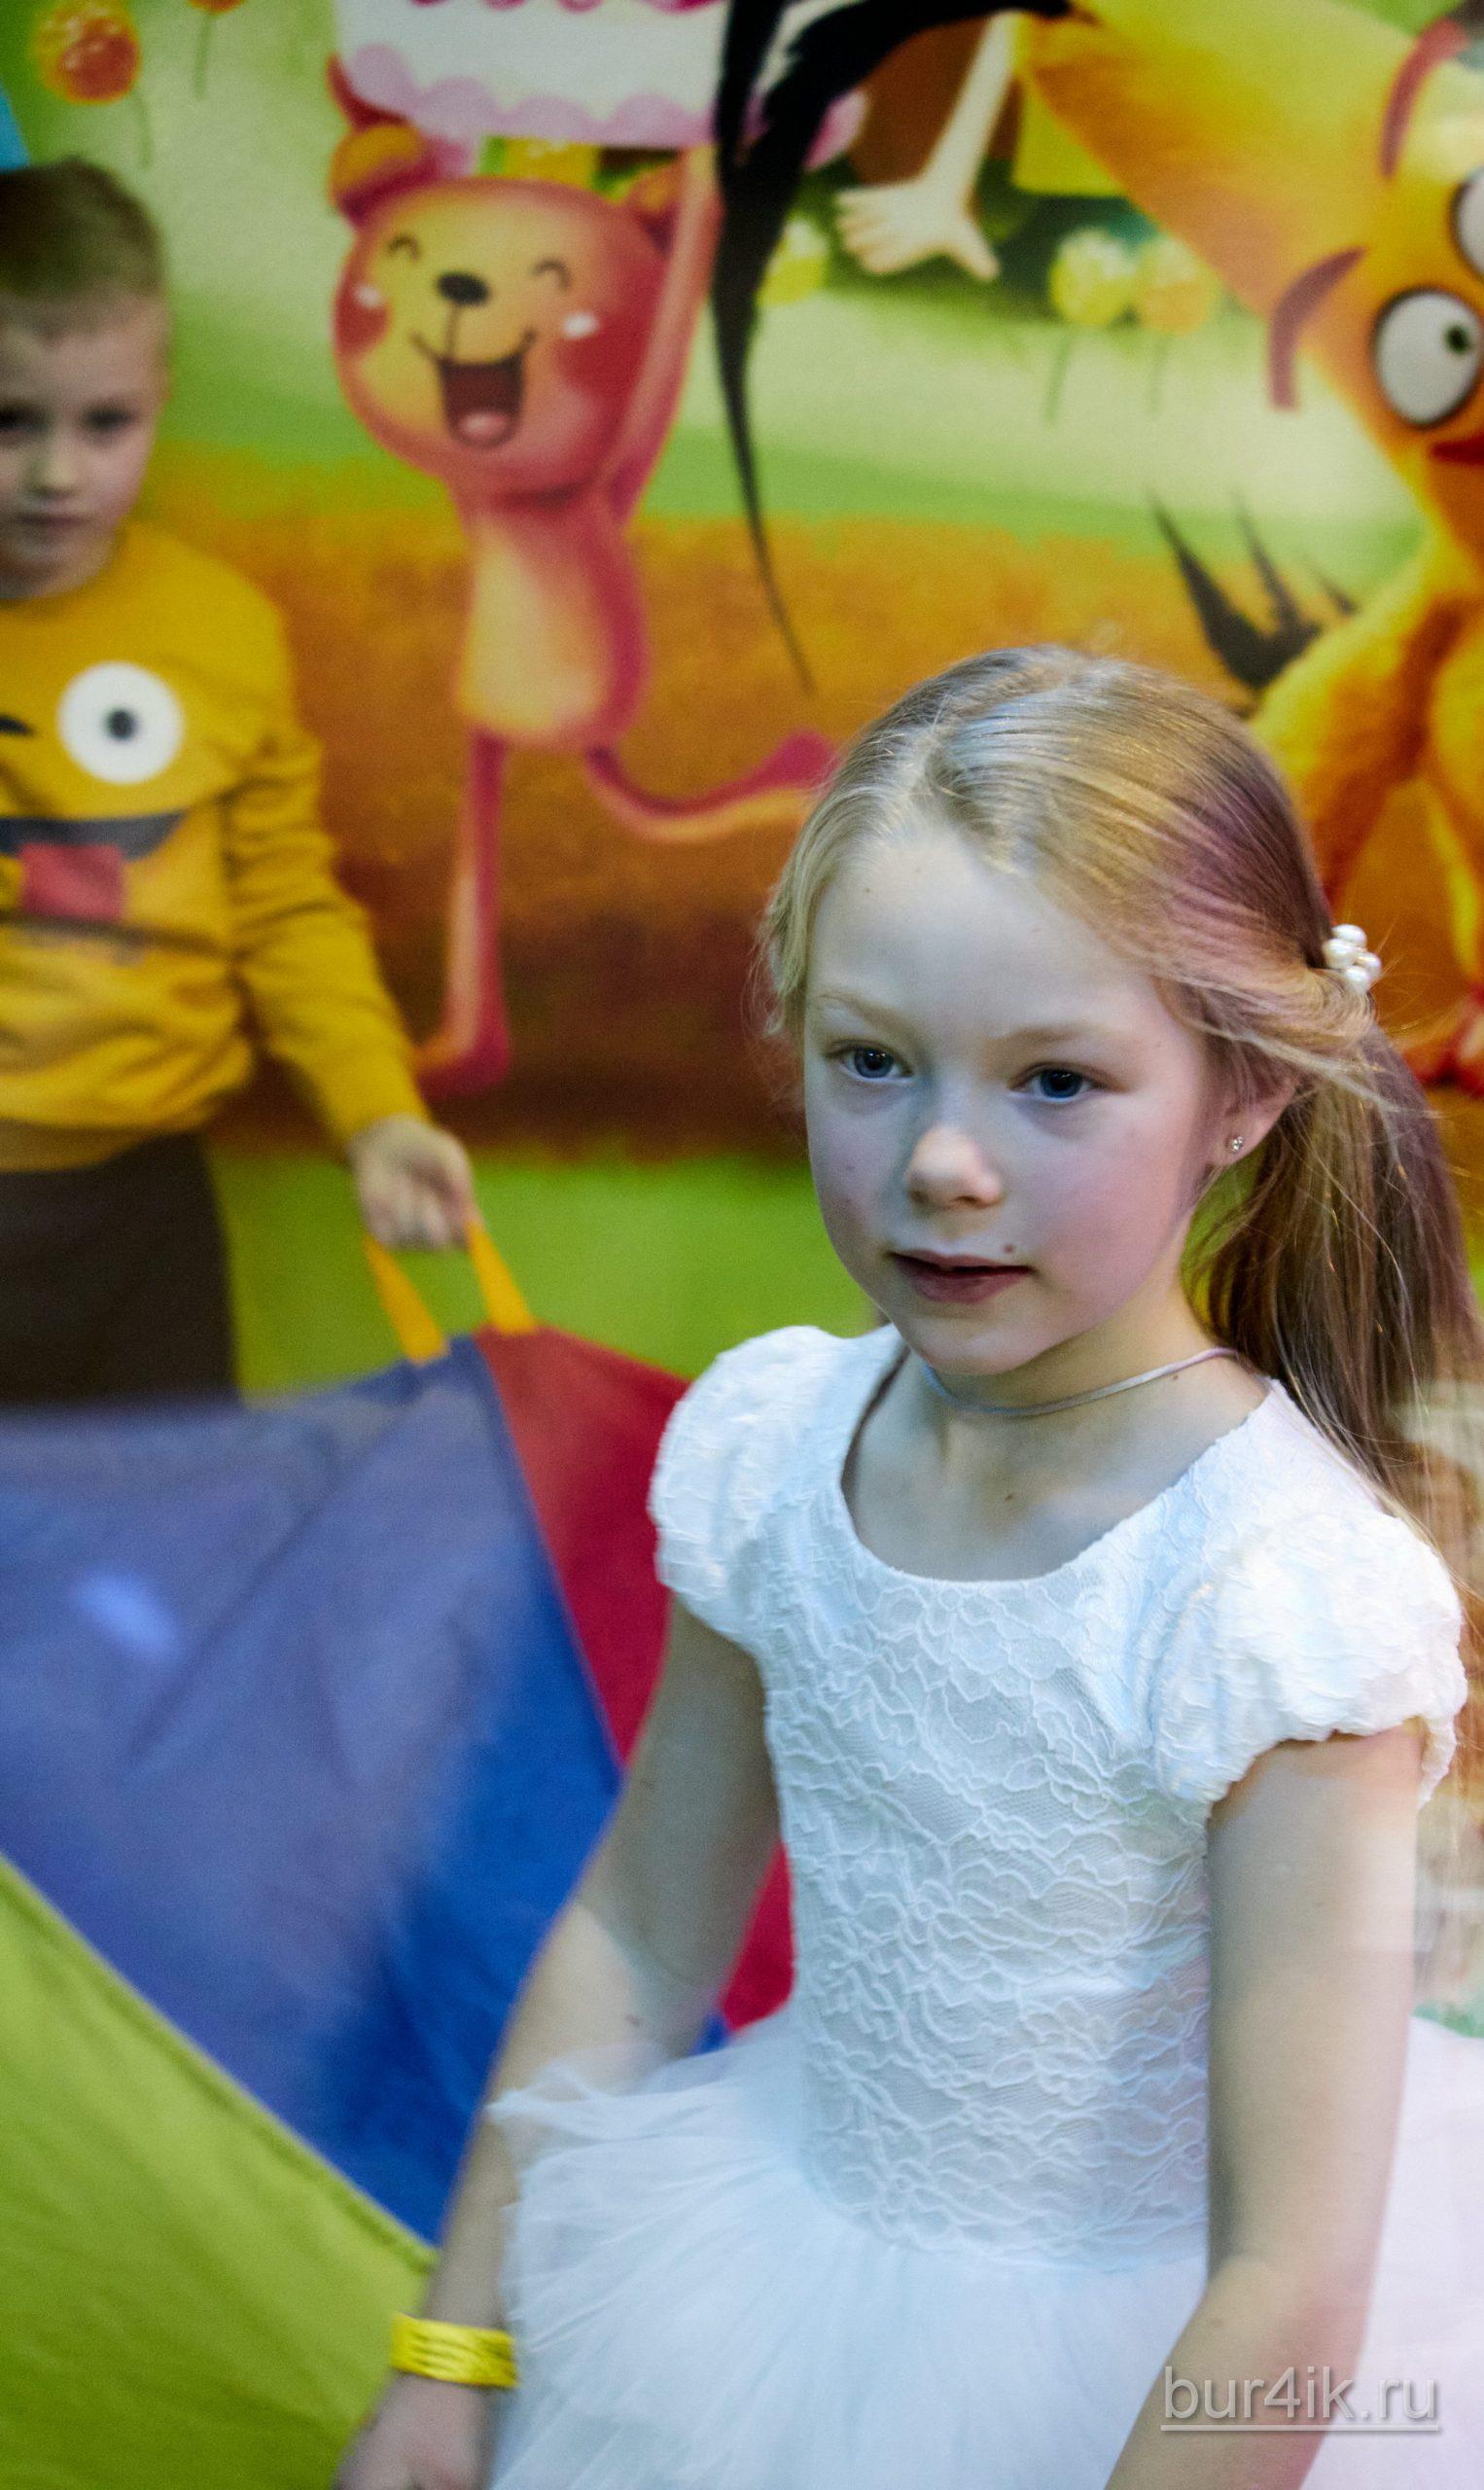 Фото Детское День Рождения в Детский Дворик 15.01.2020 №222 -photo- bur4ik.ru